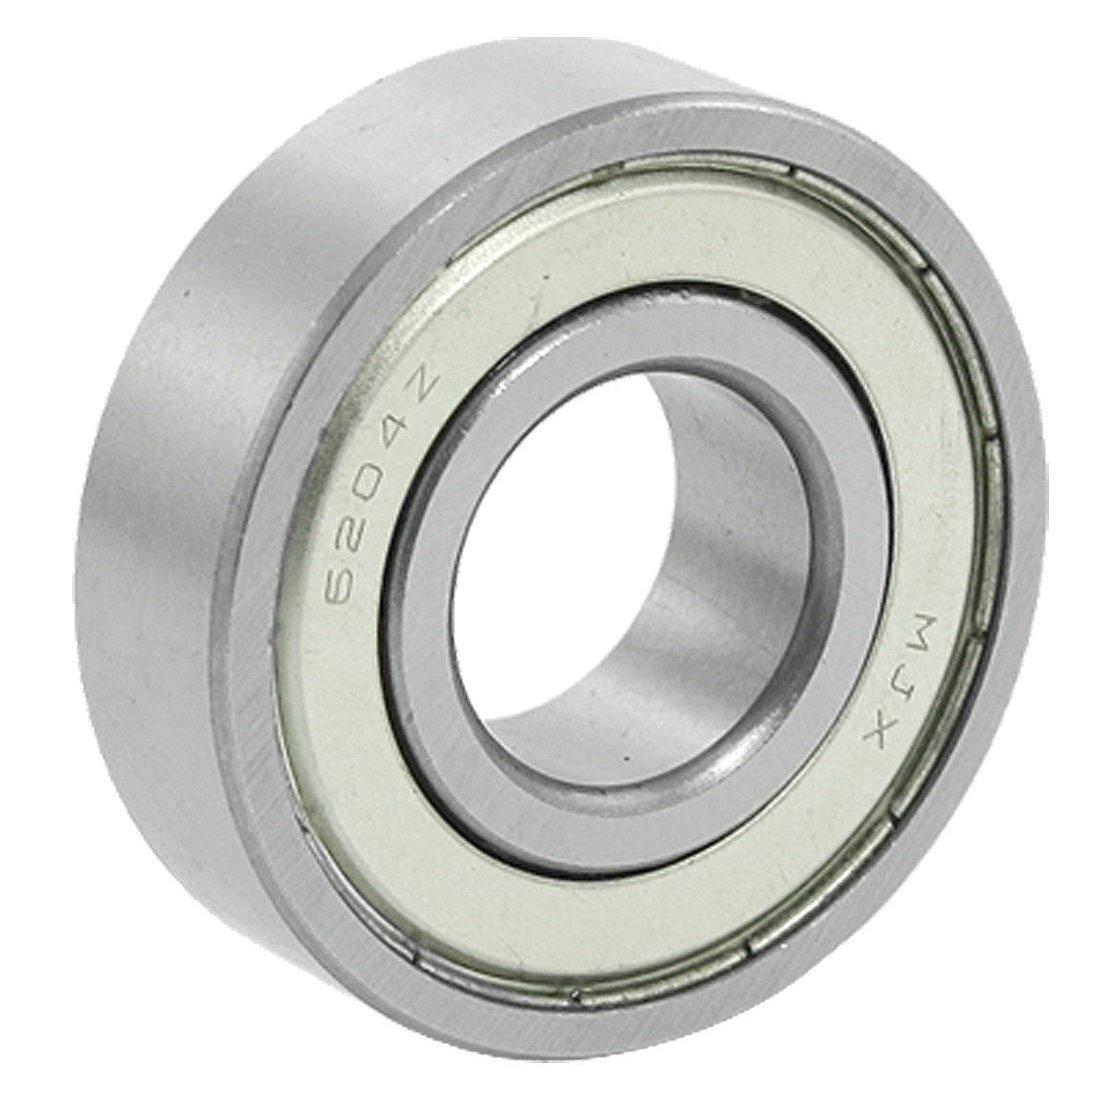 6204Z Ball Bearing - SODIAL(R) 20x47x14mm 6204Z Double Metal Shielded Wheel Axle Ball Bearing